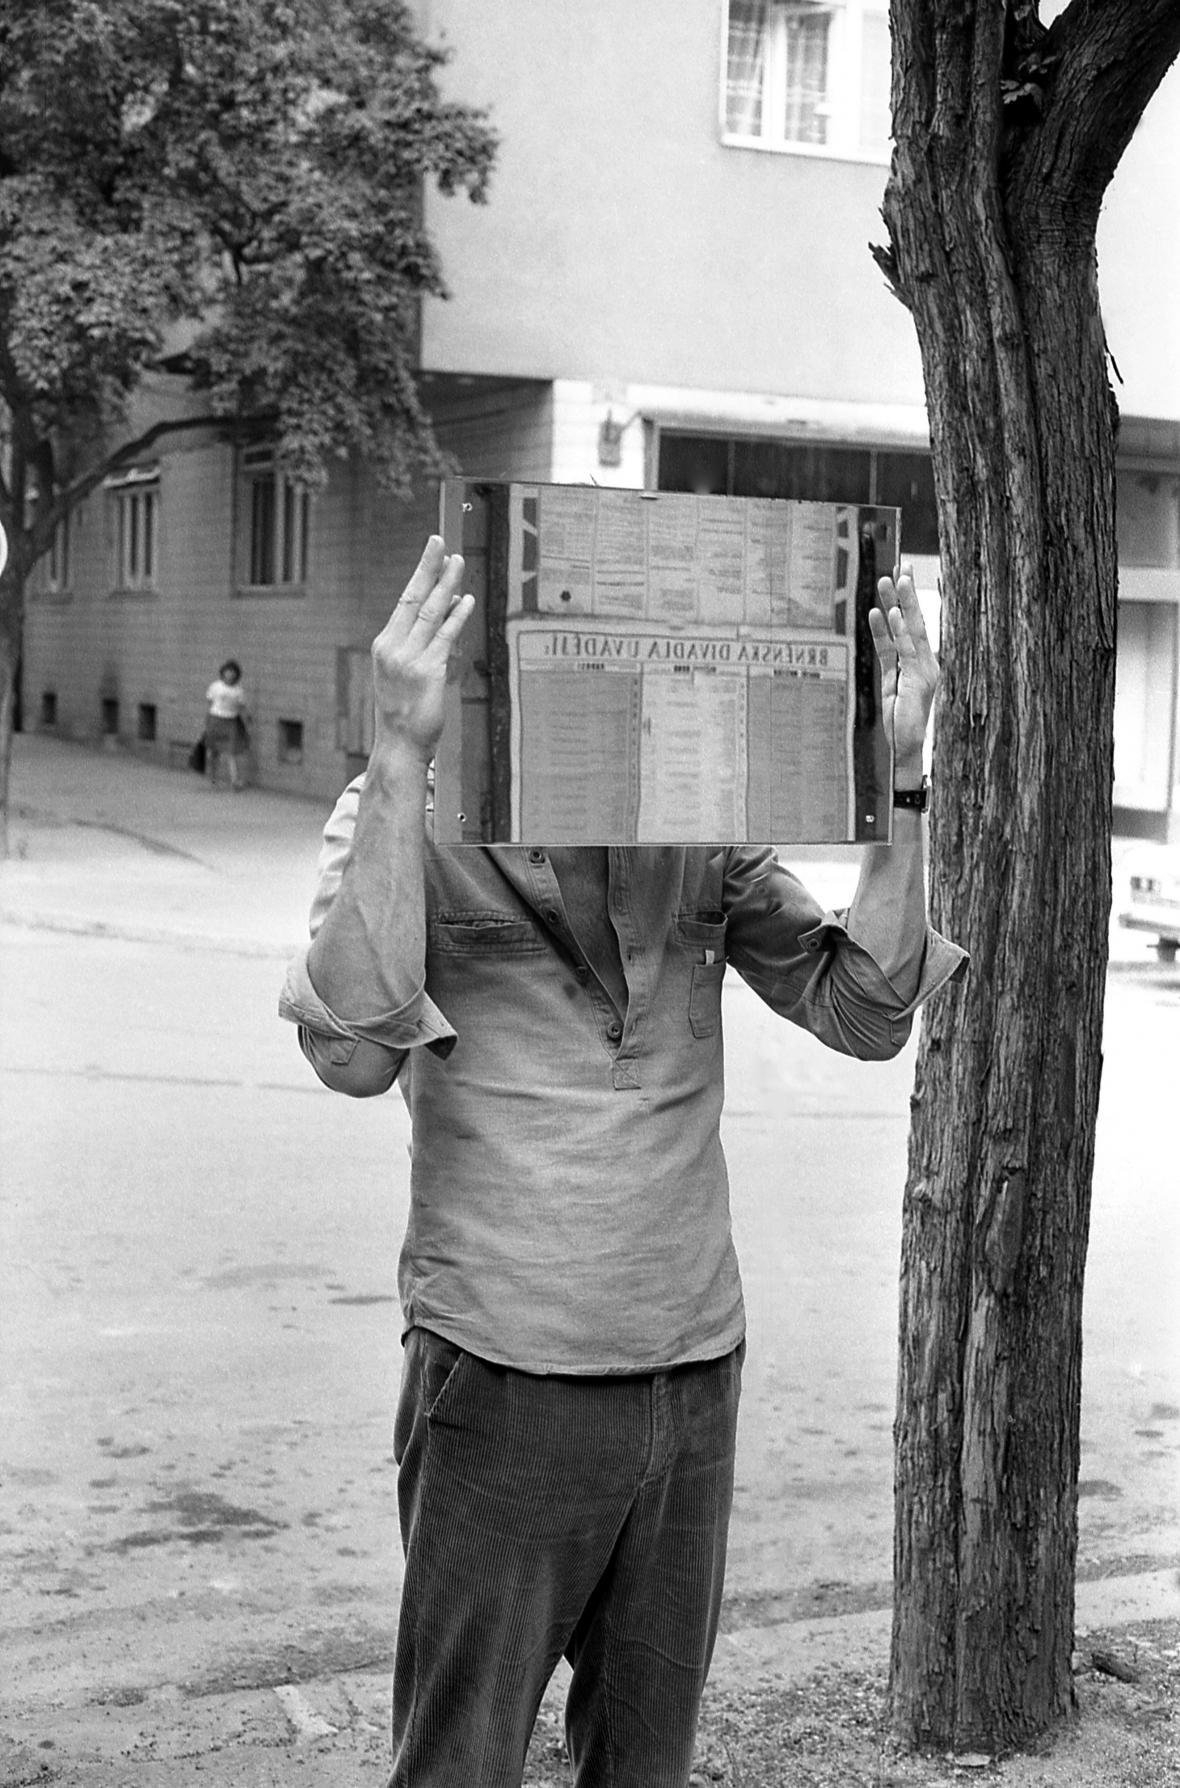 Vladimír Ambroz / Shapes, 1979